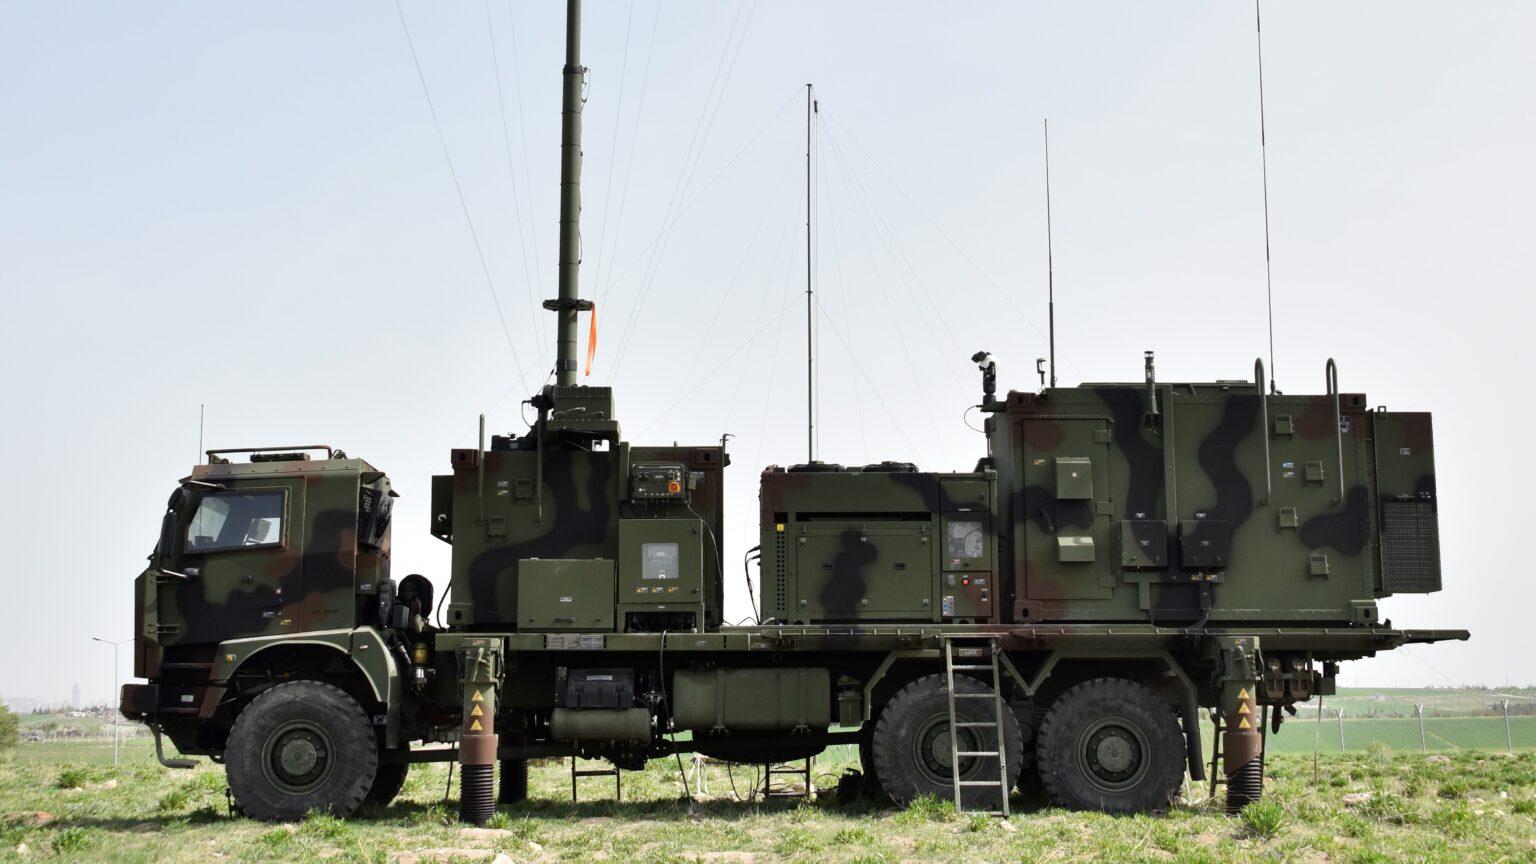 Türk Silahlı Kuvvetleri'nin Yeni Nesil Elektronik Taarruz Sistemi: SANCAK